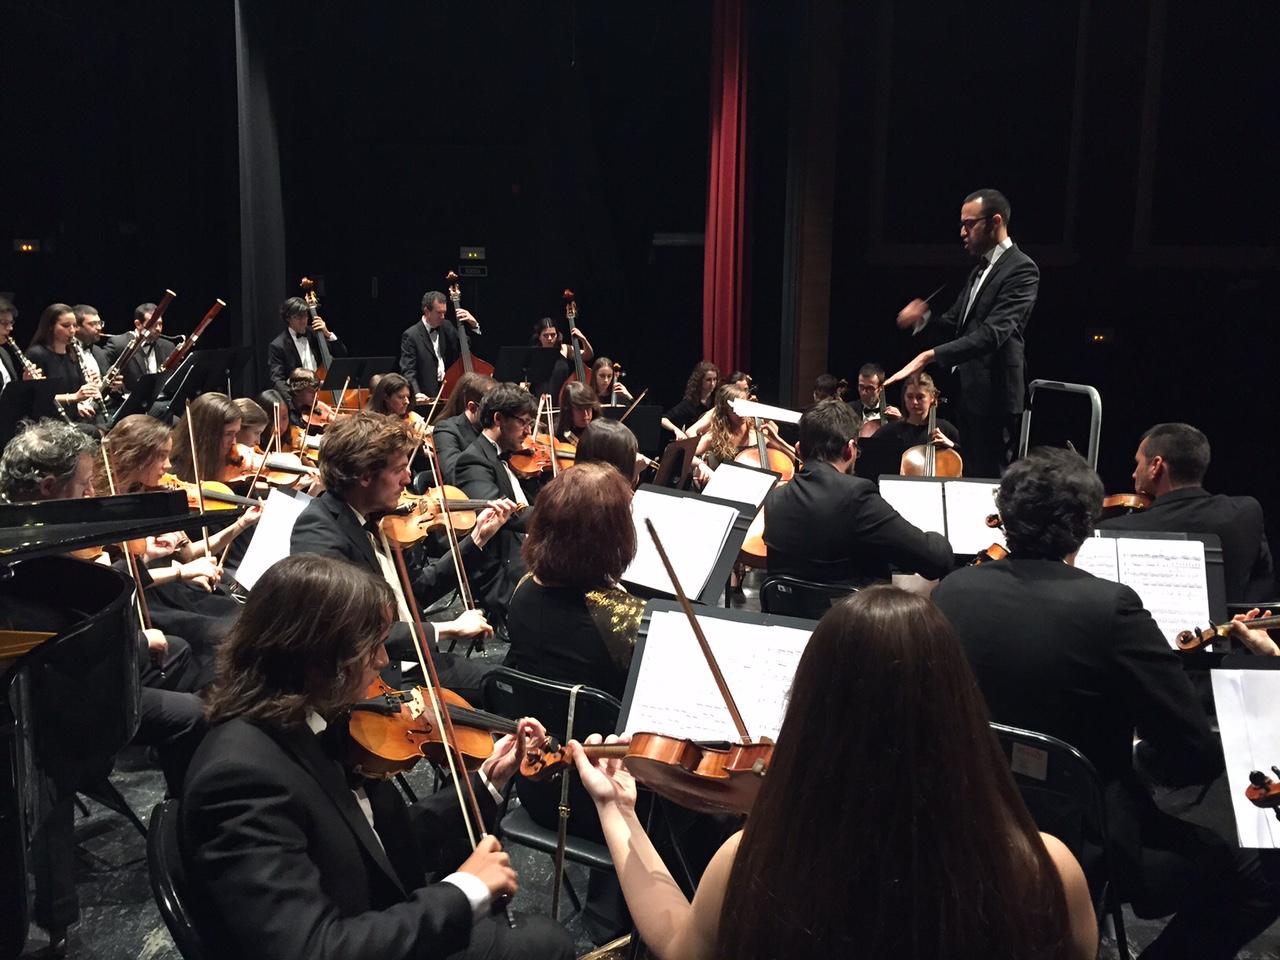 Xavier Gagnepain dirigeix l'Orquestra Simfònica Caixa Ontinyent El Periòdic d'Ontinyent - Noticies a Ontinyent